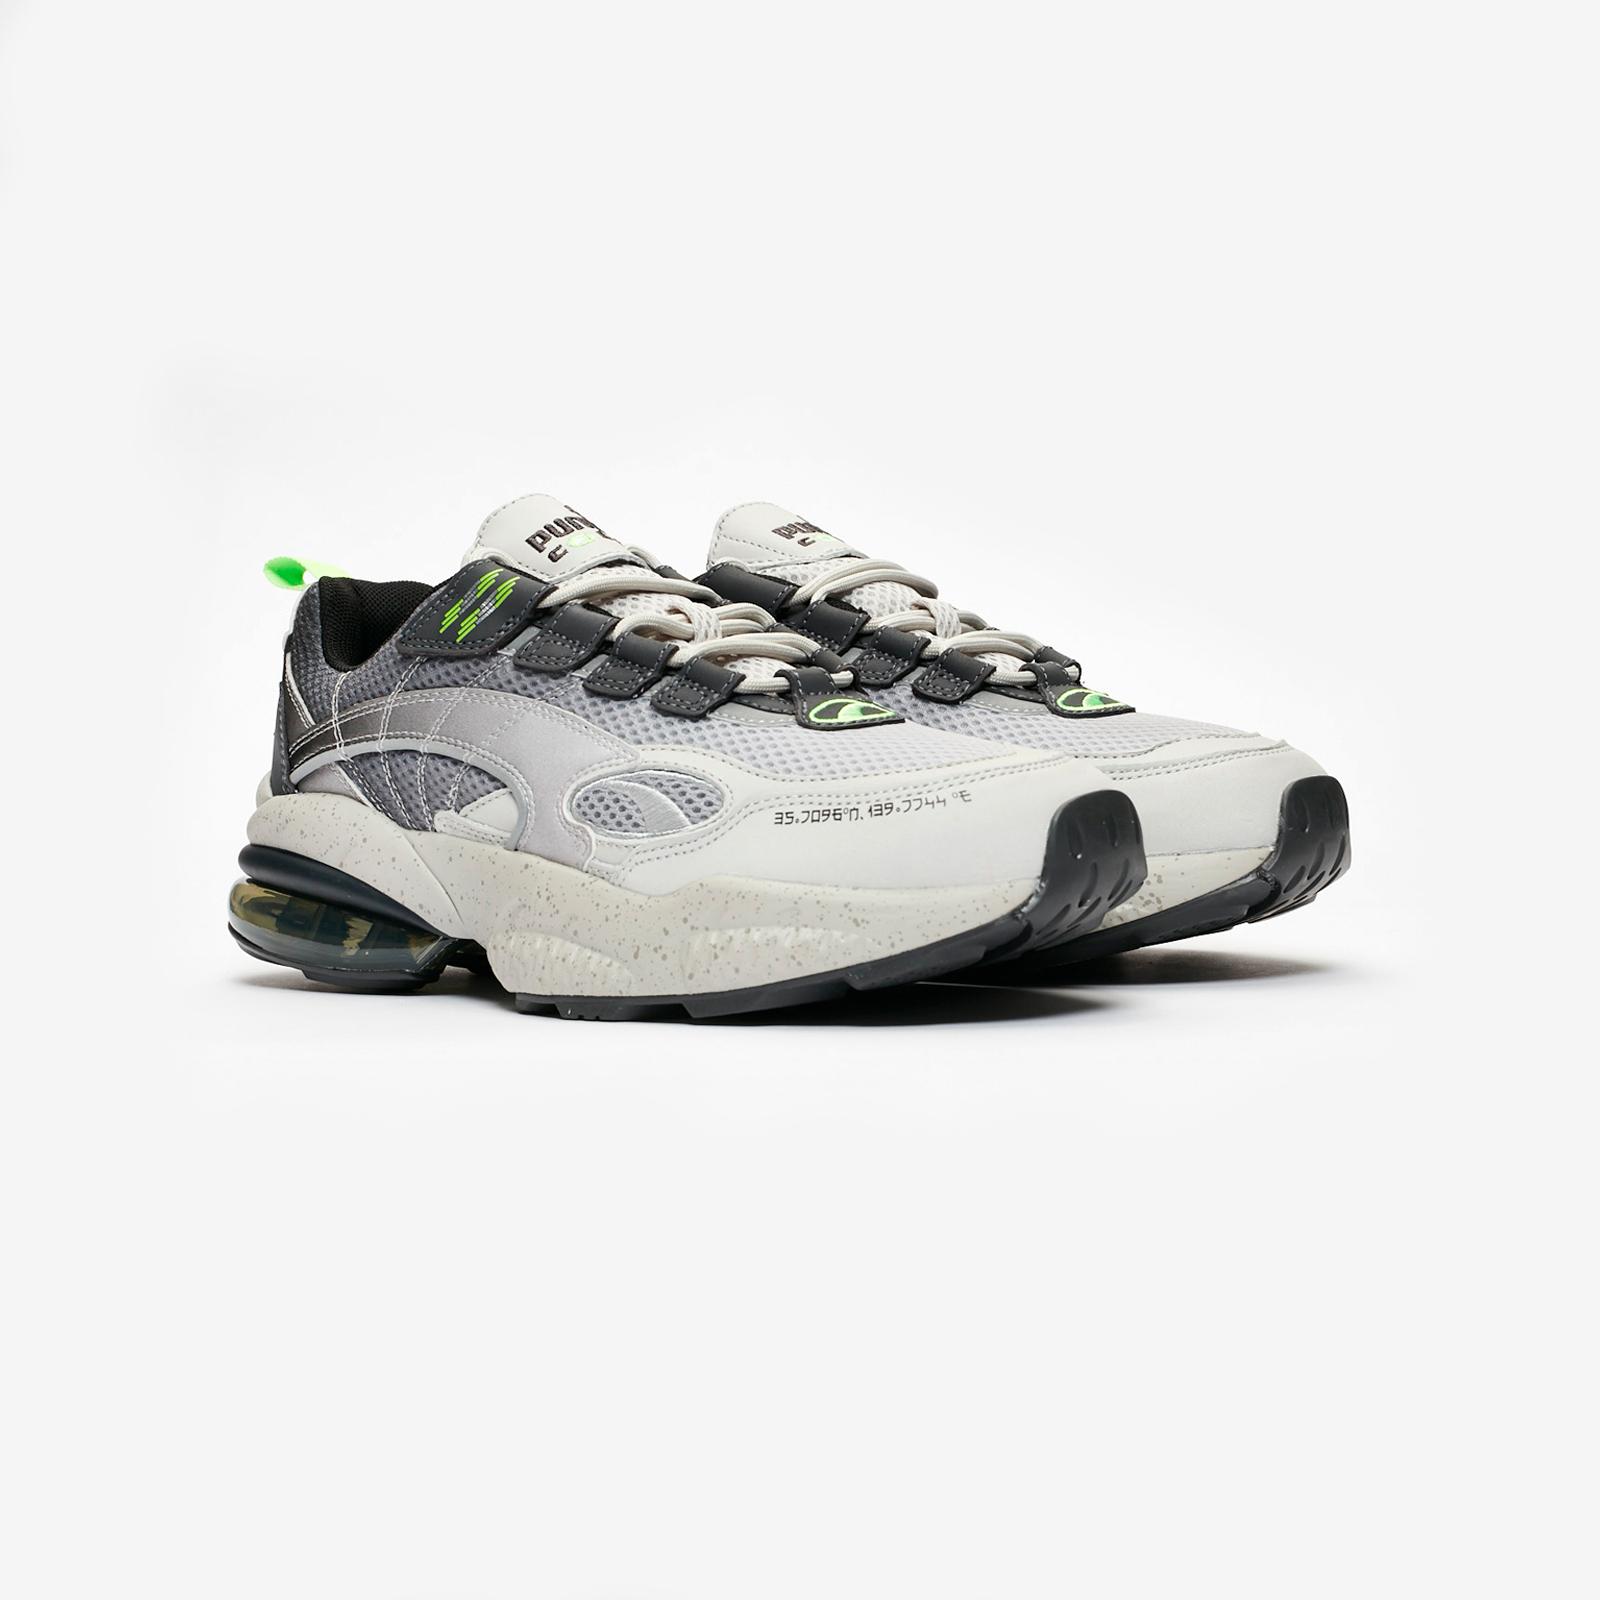 5b76027d05c9 Puma Cell Venom x Mita Sneakers - 370339-01 - Sneakersnstuff ...